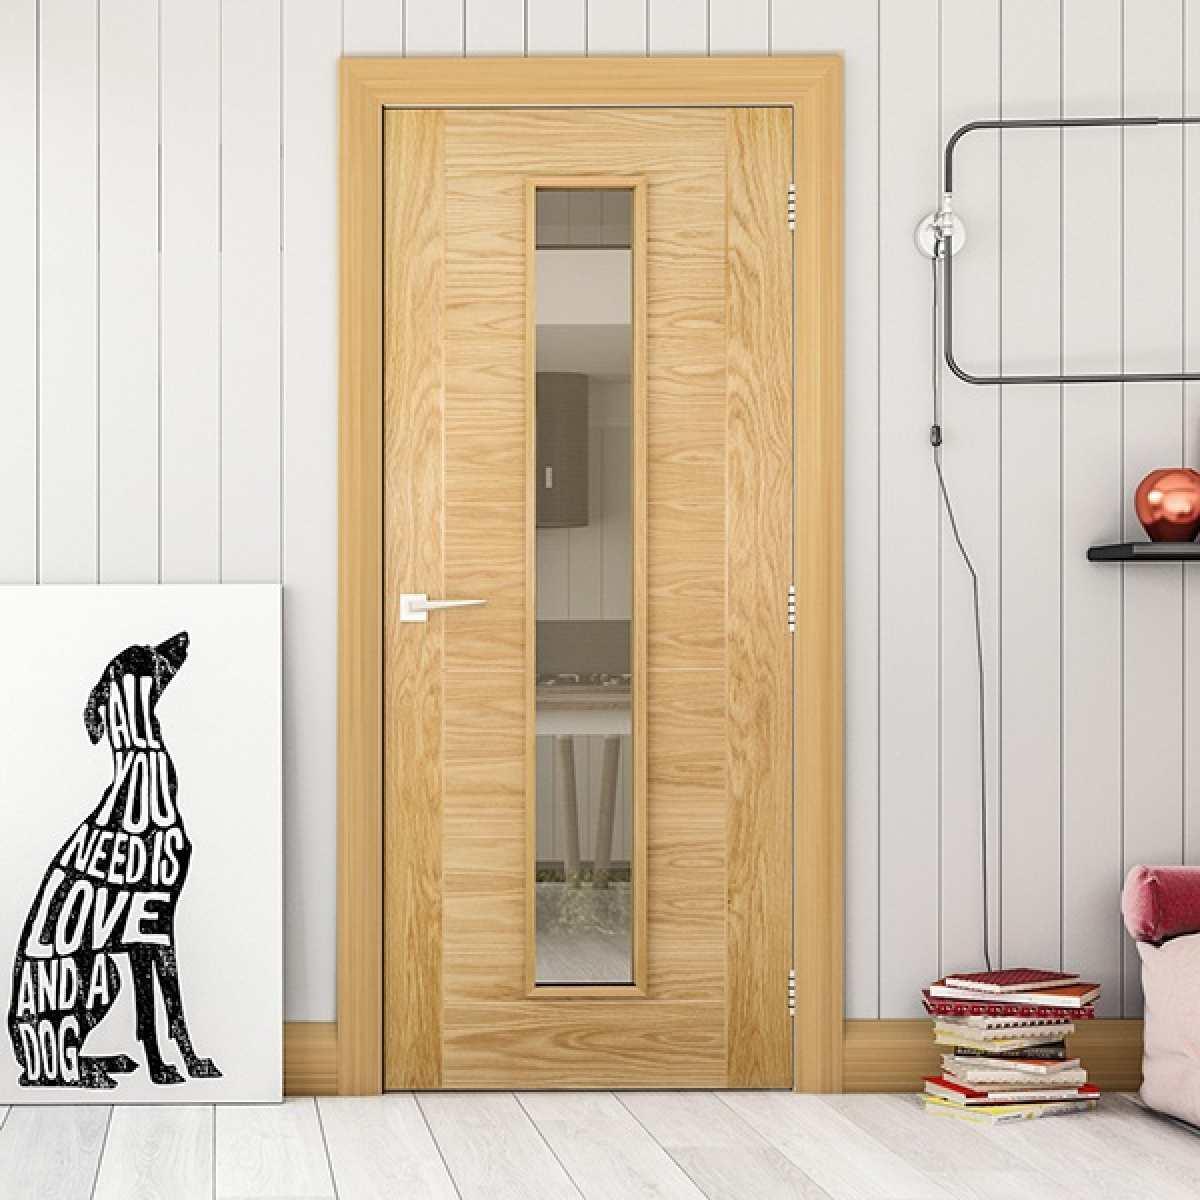 Seville glazed oak lifestyle websters Image by Websters Timber